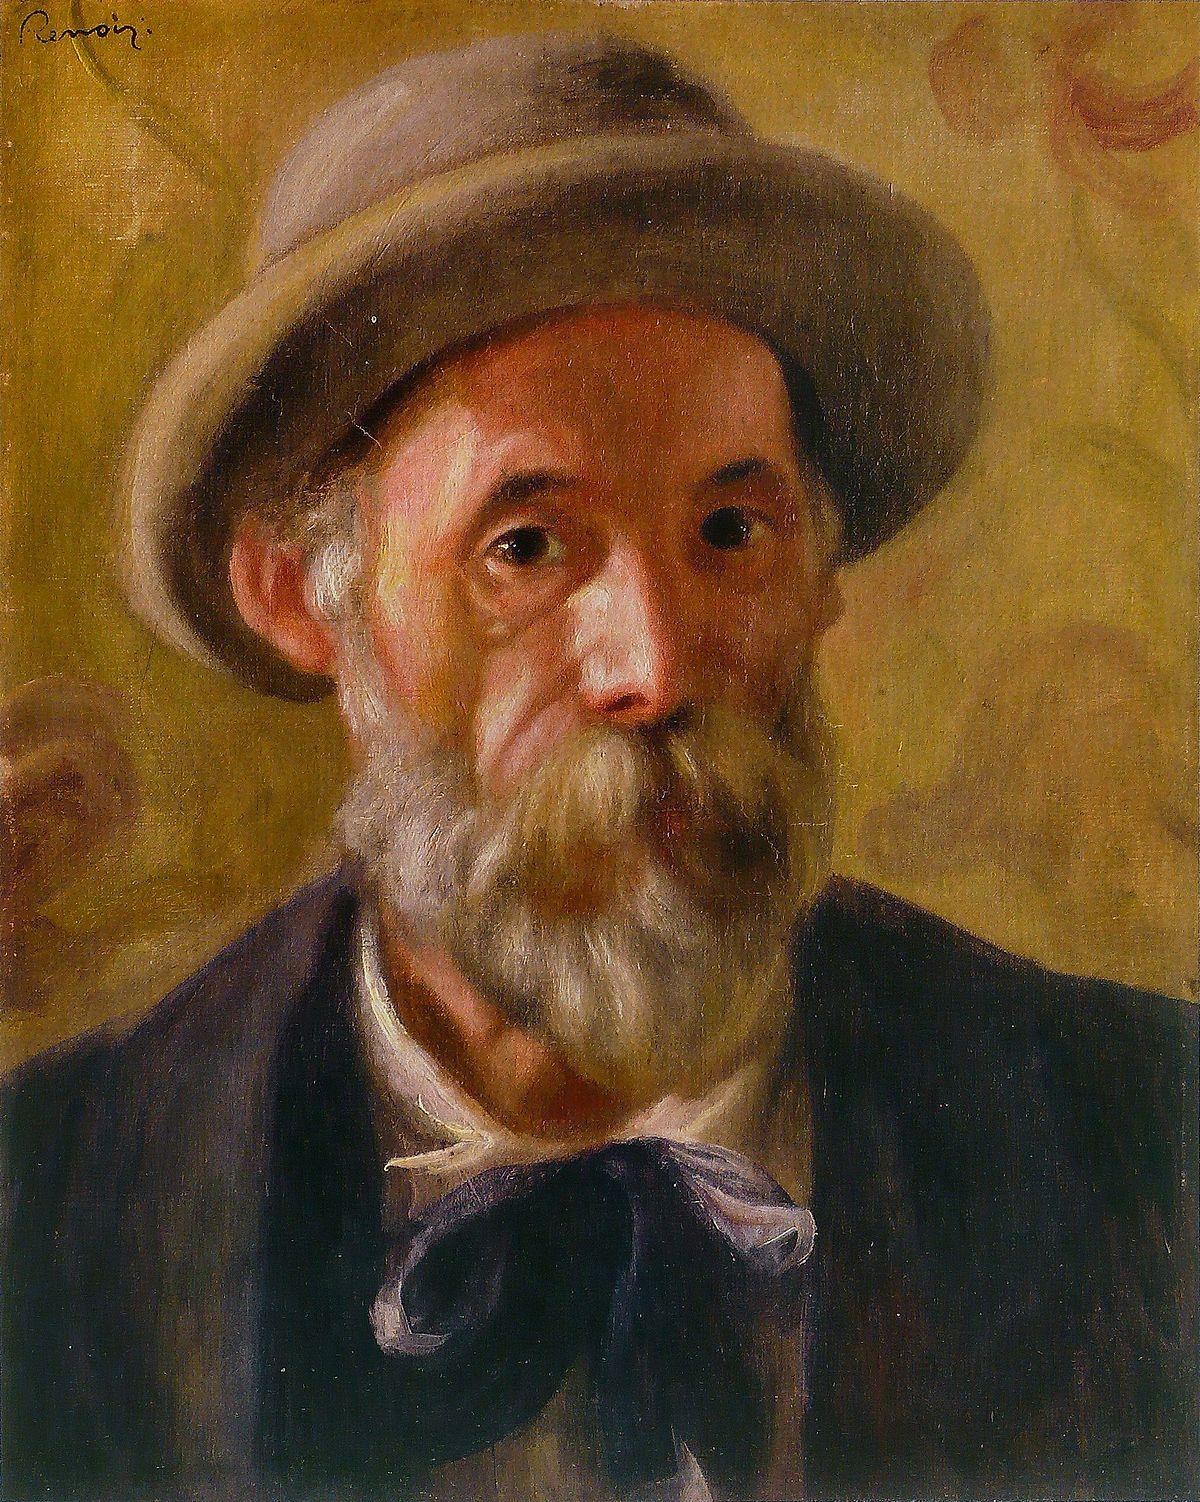 1200px-Pierre-Auguste_Renoir_-_Autoportrait_1899.jpg